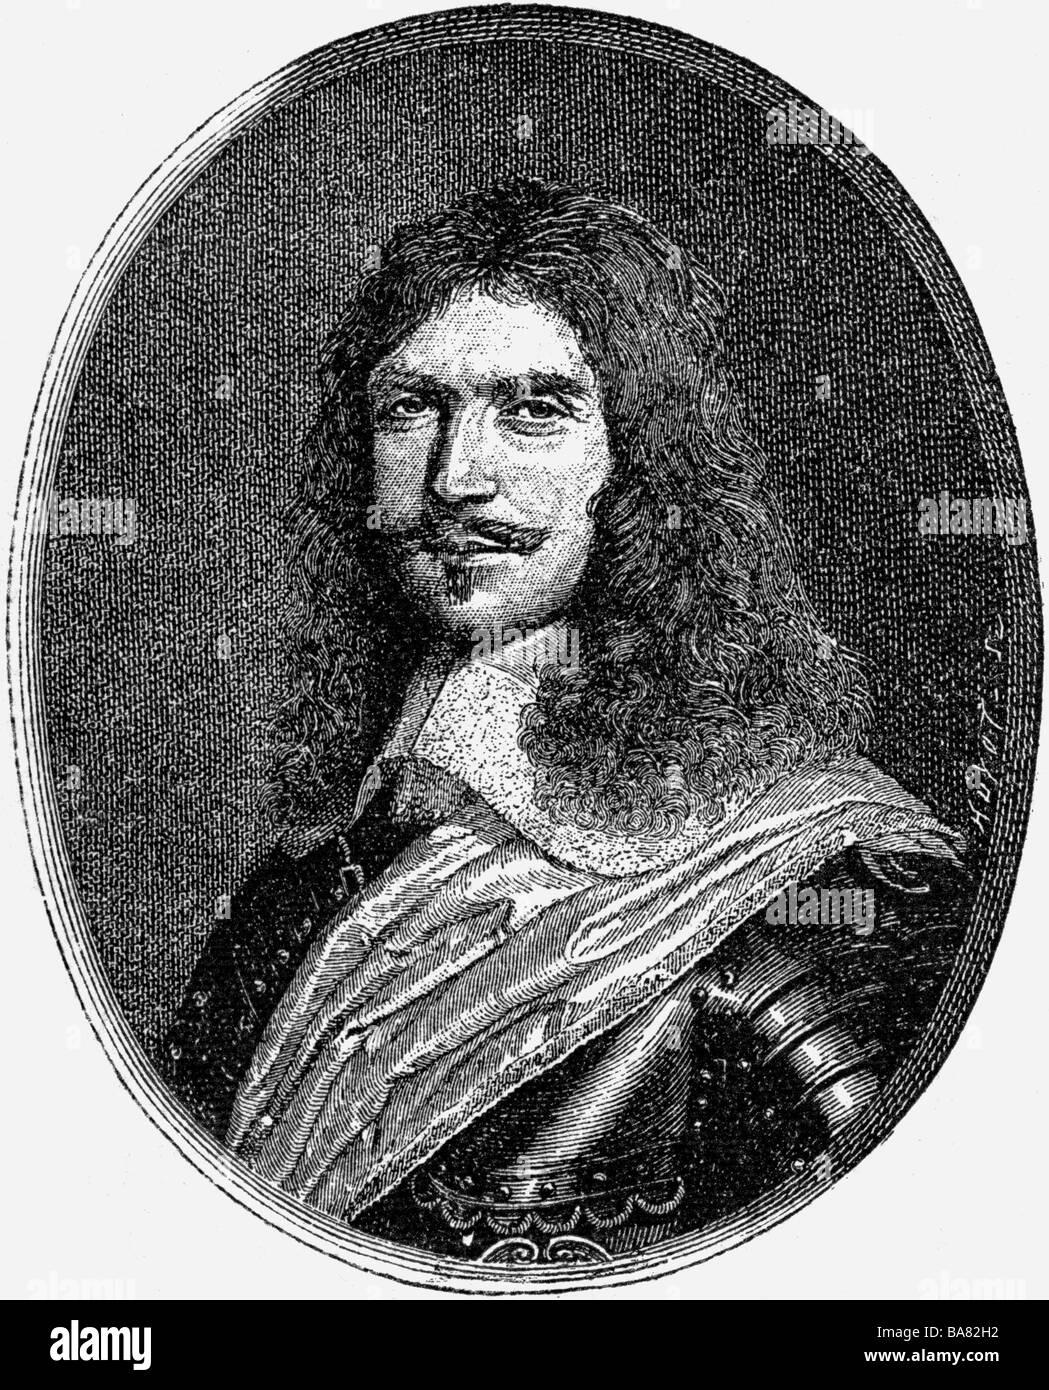 Turenne, Henri de Tour d' Auvergne Vicomte de, 11.9.1611 - 27.7.1679, French general, portrait, wood engraving, - Stock Image